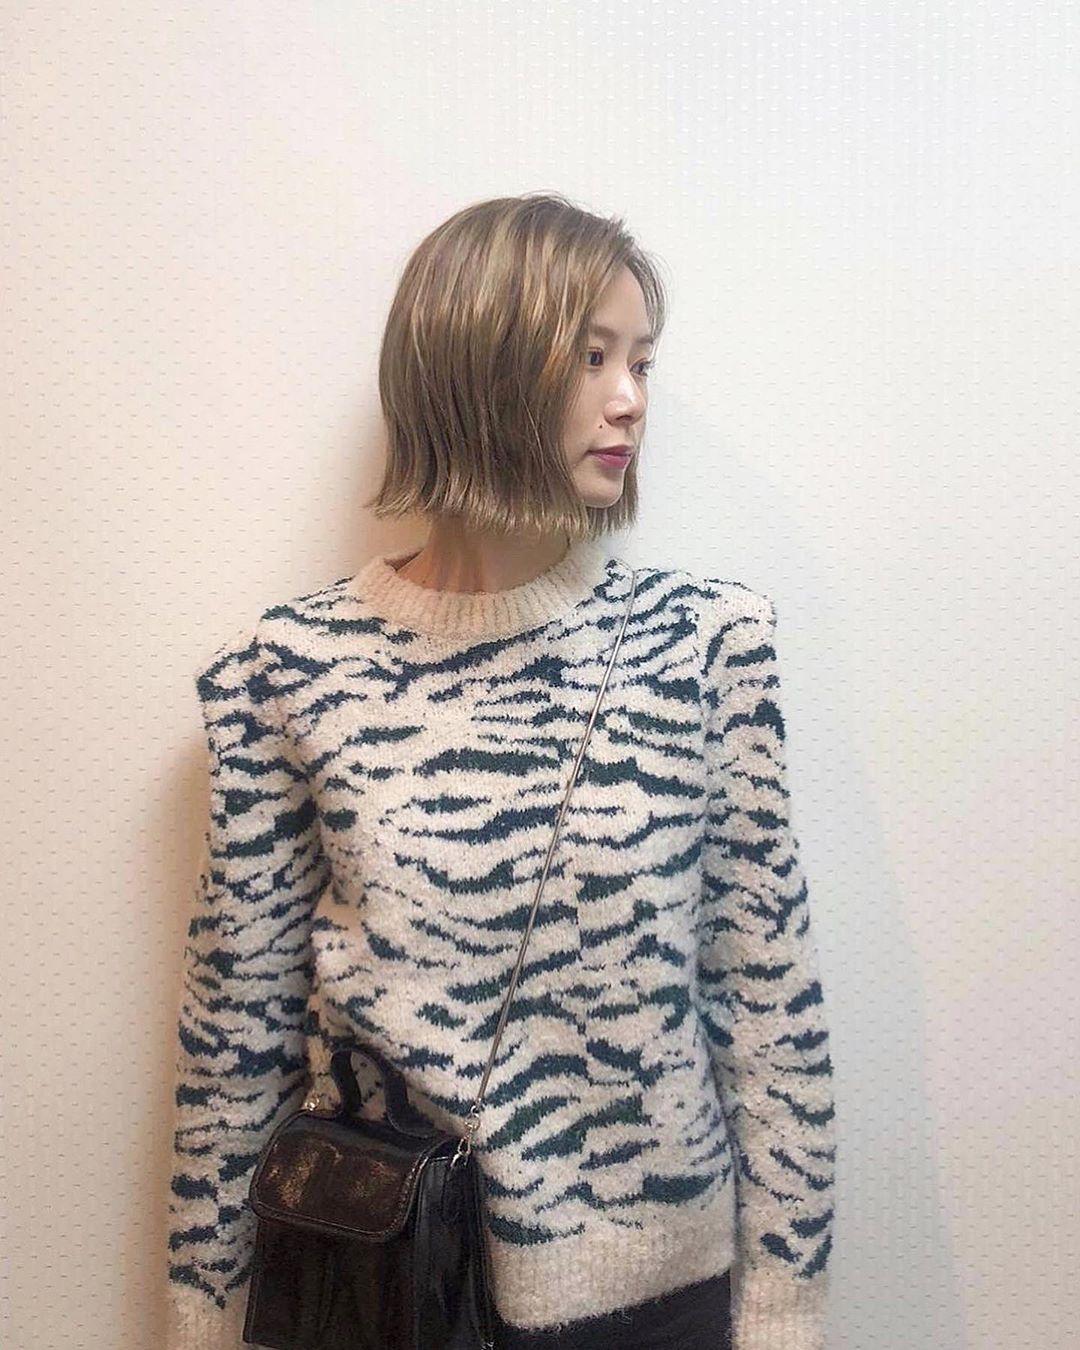 看起来很暖很可爱 粉丝对朝日奈央的私服照赞不绝口